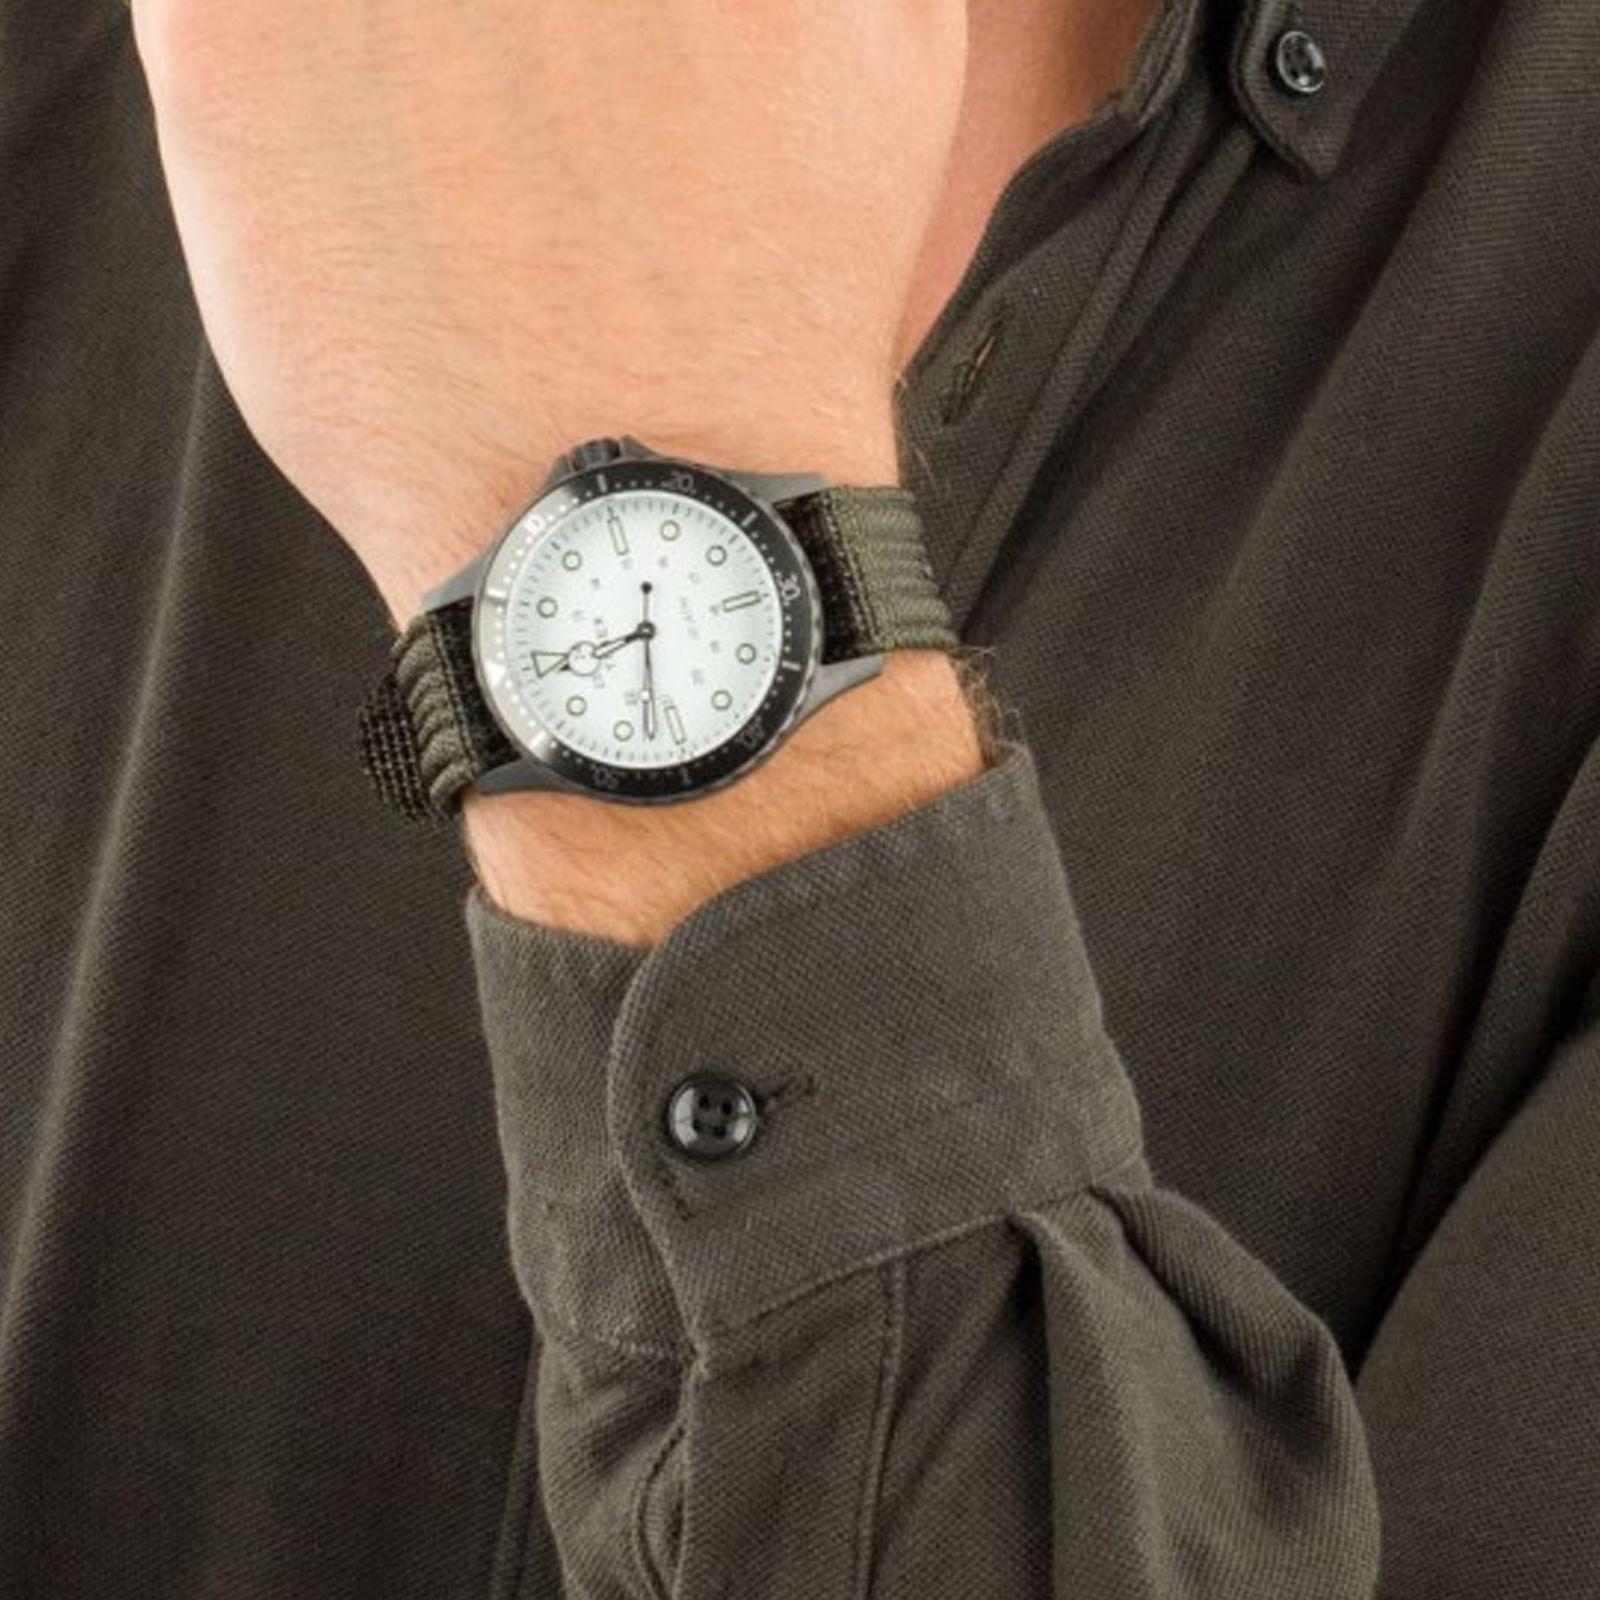 ساعت مچی عقربه ای مردانه تایمکس مدل TW2T75500 -  - 3